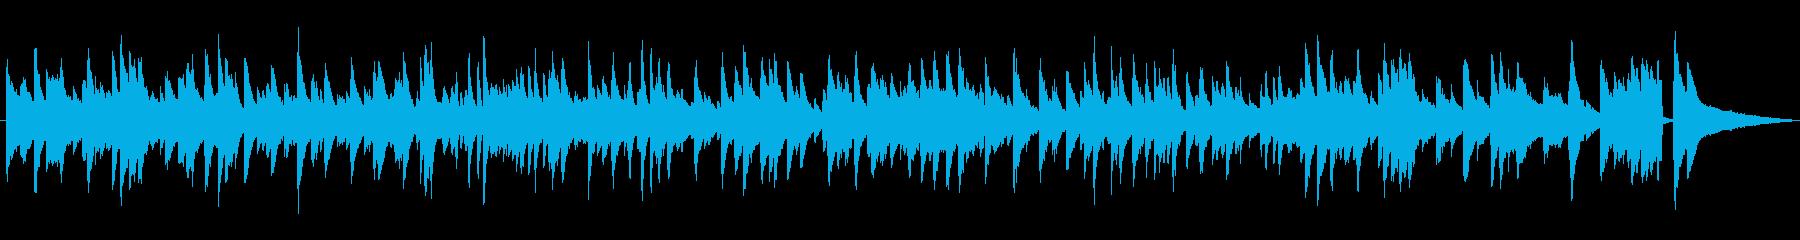 雰囲気のあるジャズラウンジピアノソロの再生済みの波形